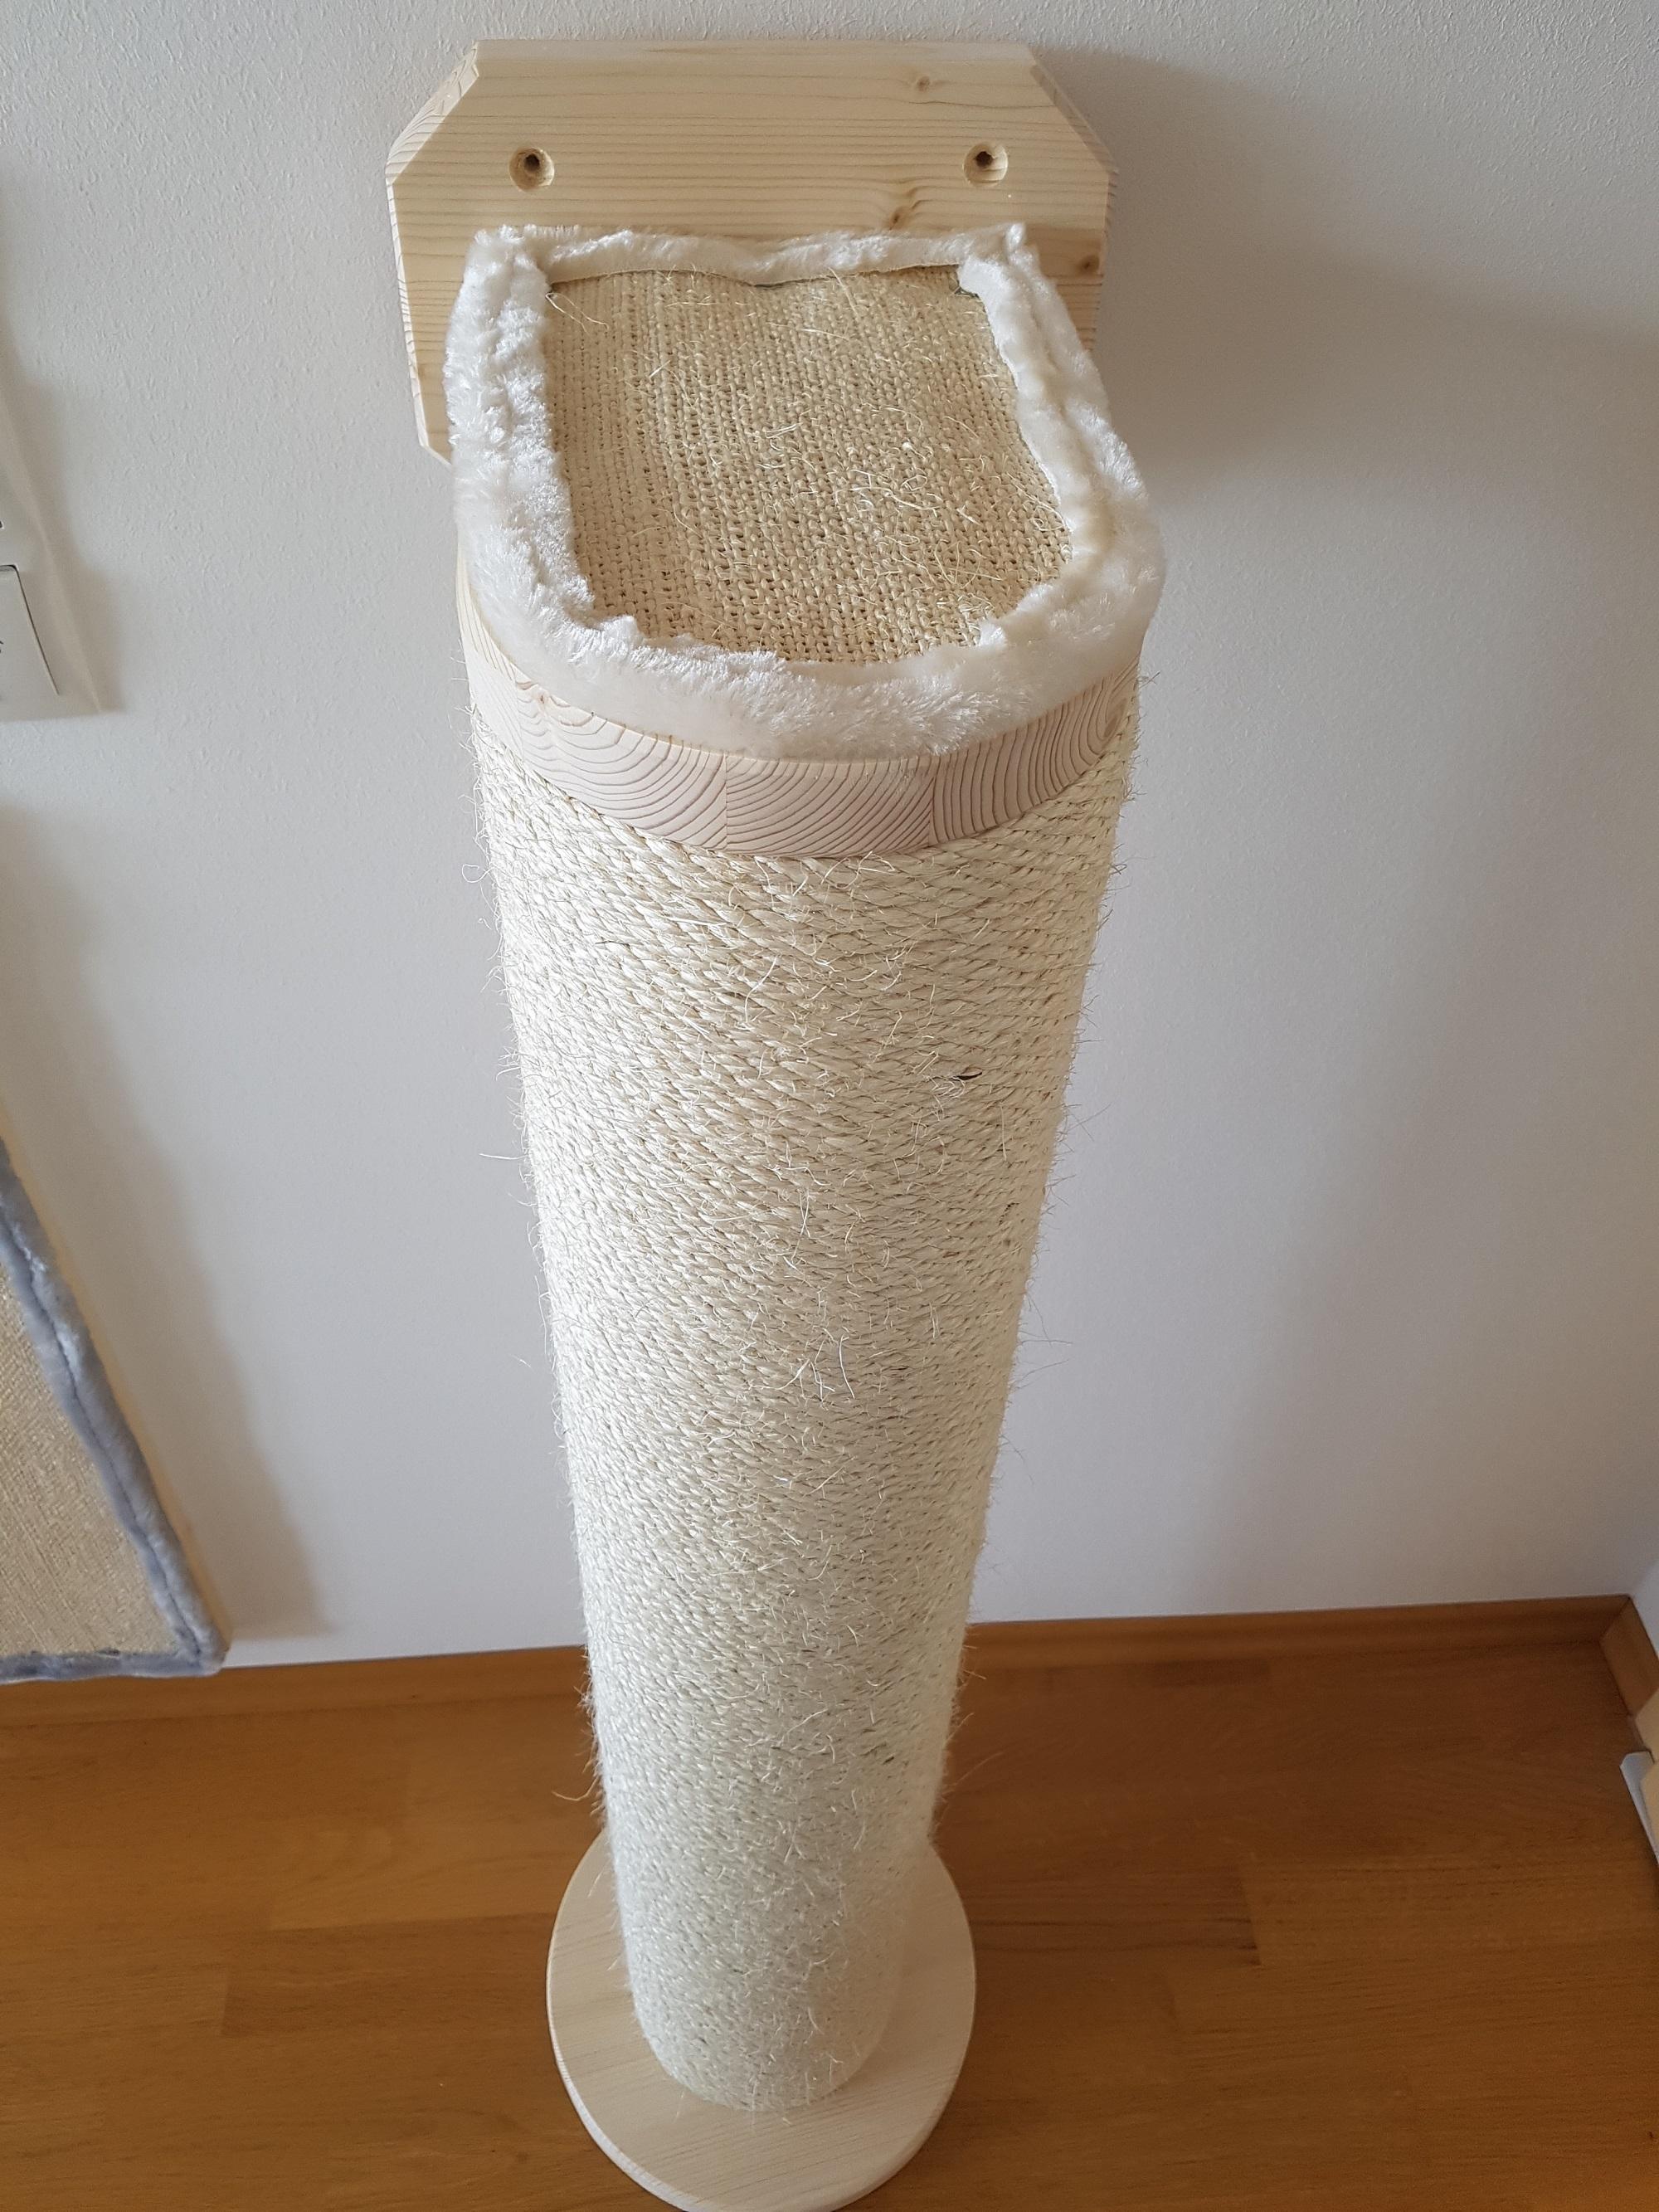 dicker stamm f r katzen sisalstamm sisalseil kratzbaum stamm. Black Bedroom Furniture Sets. Home Design Ideas